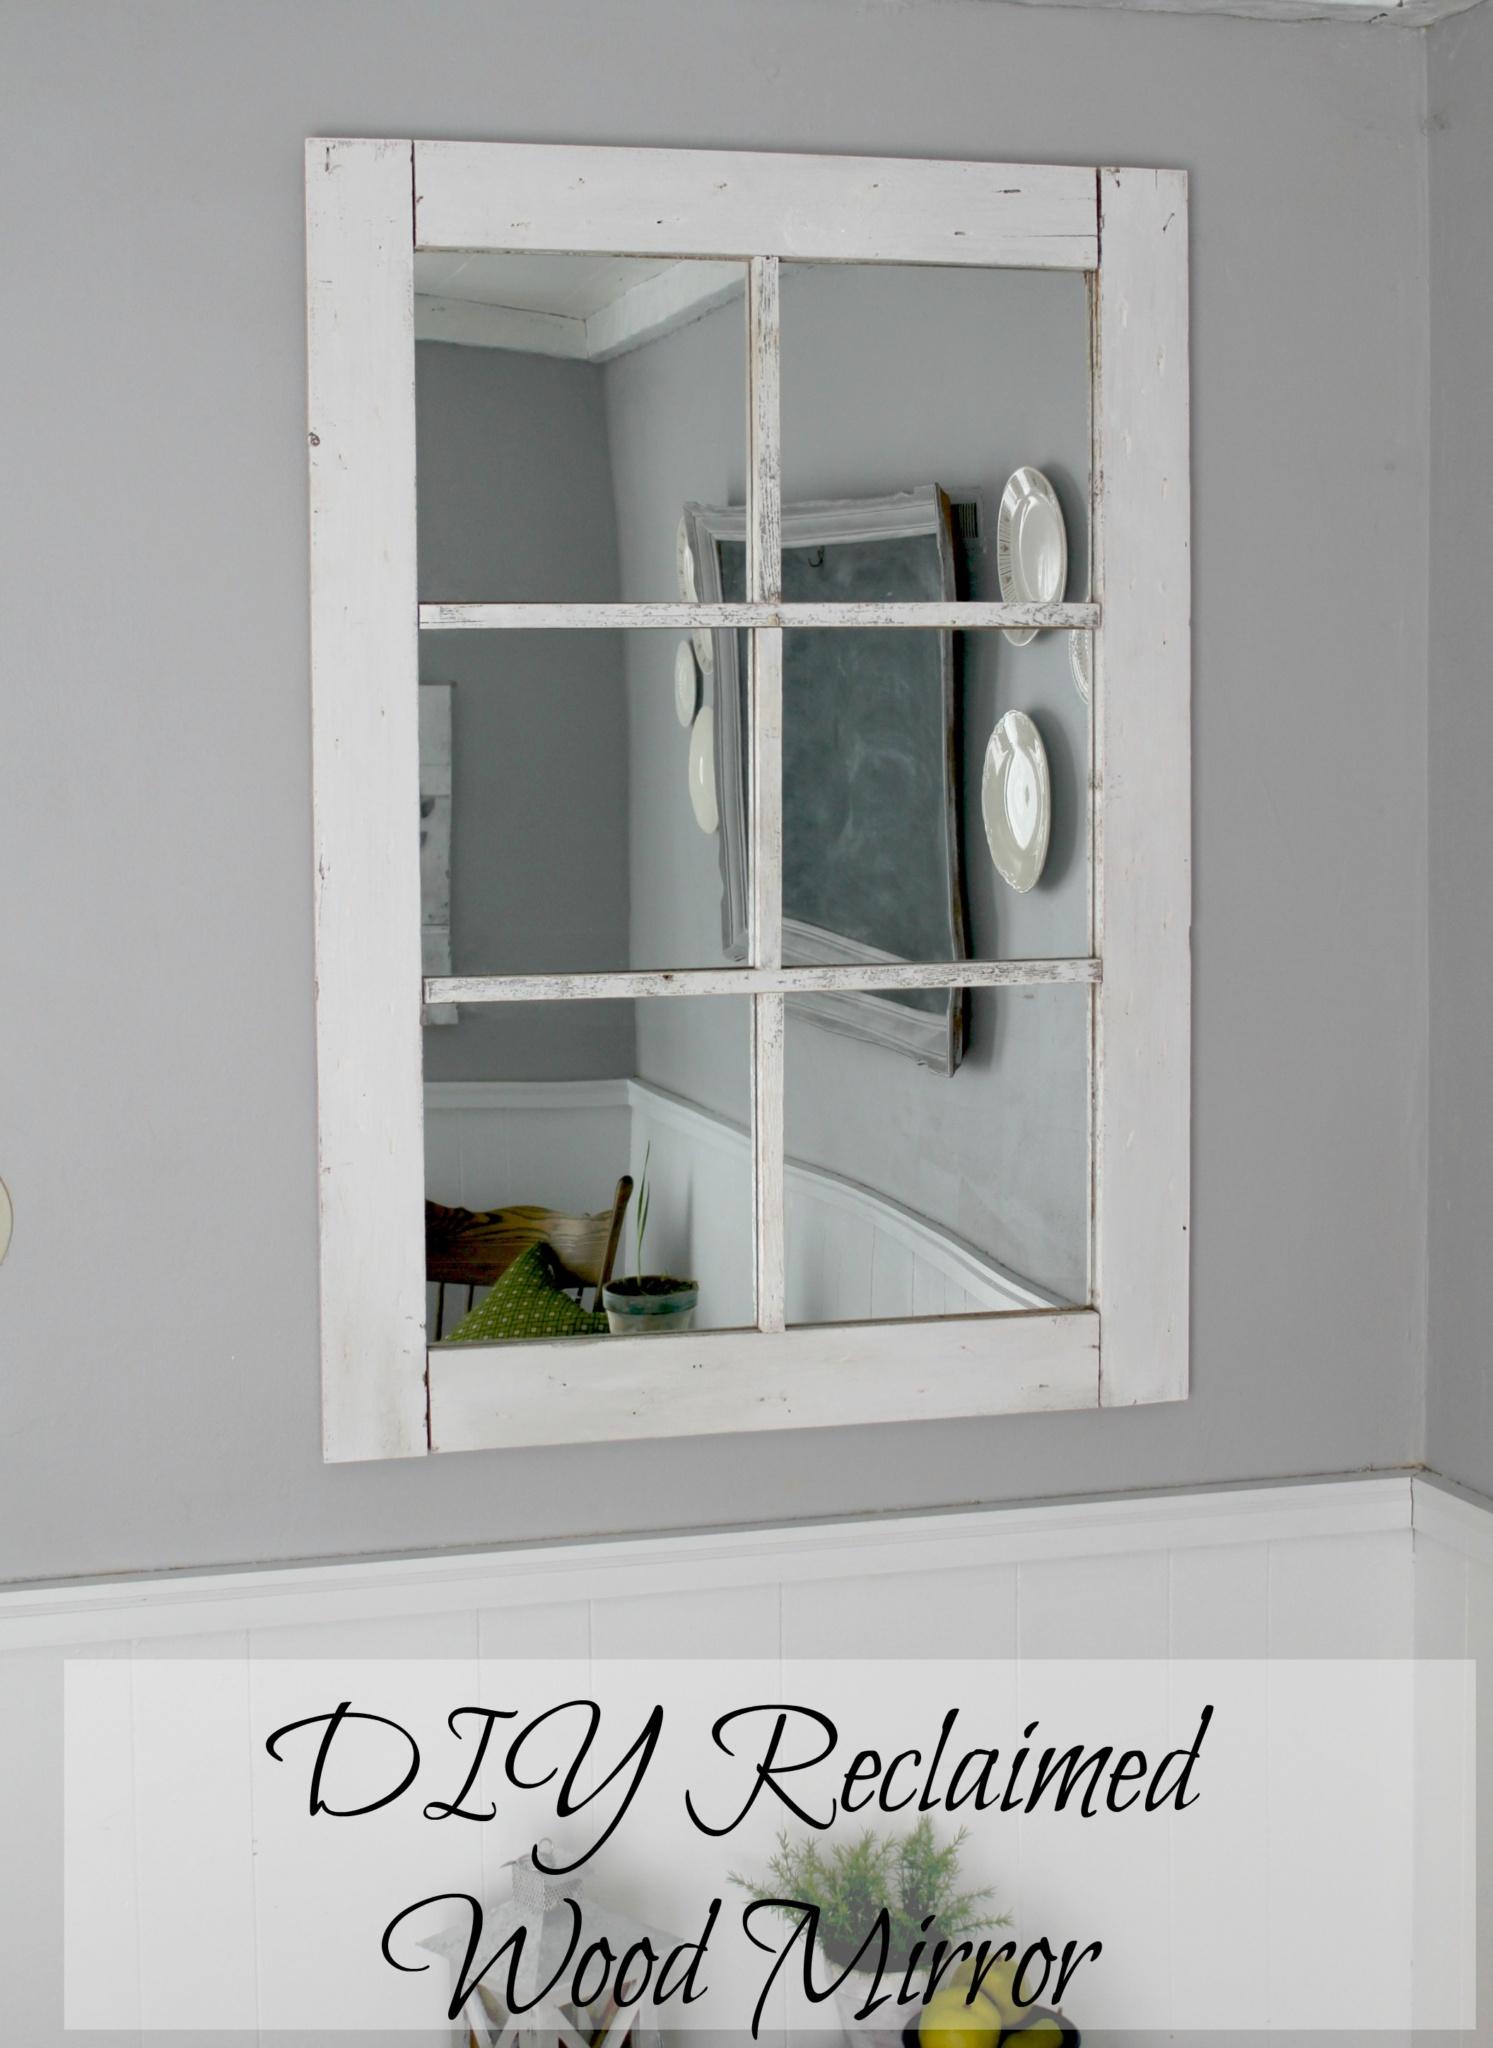 Reclaimed Wood Mirror DIY